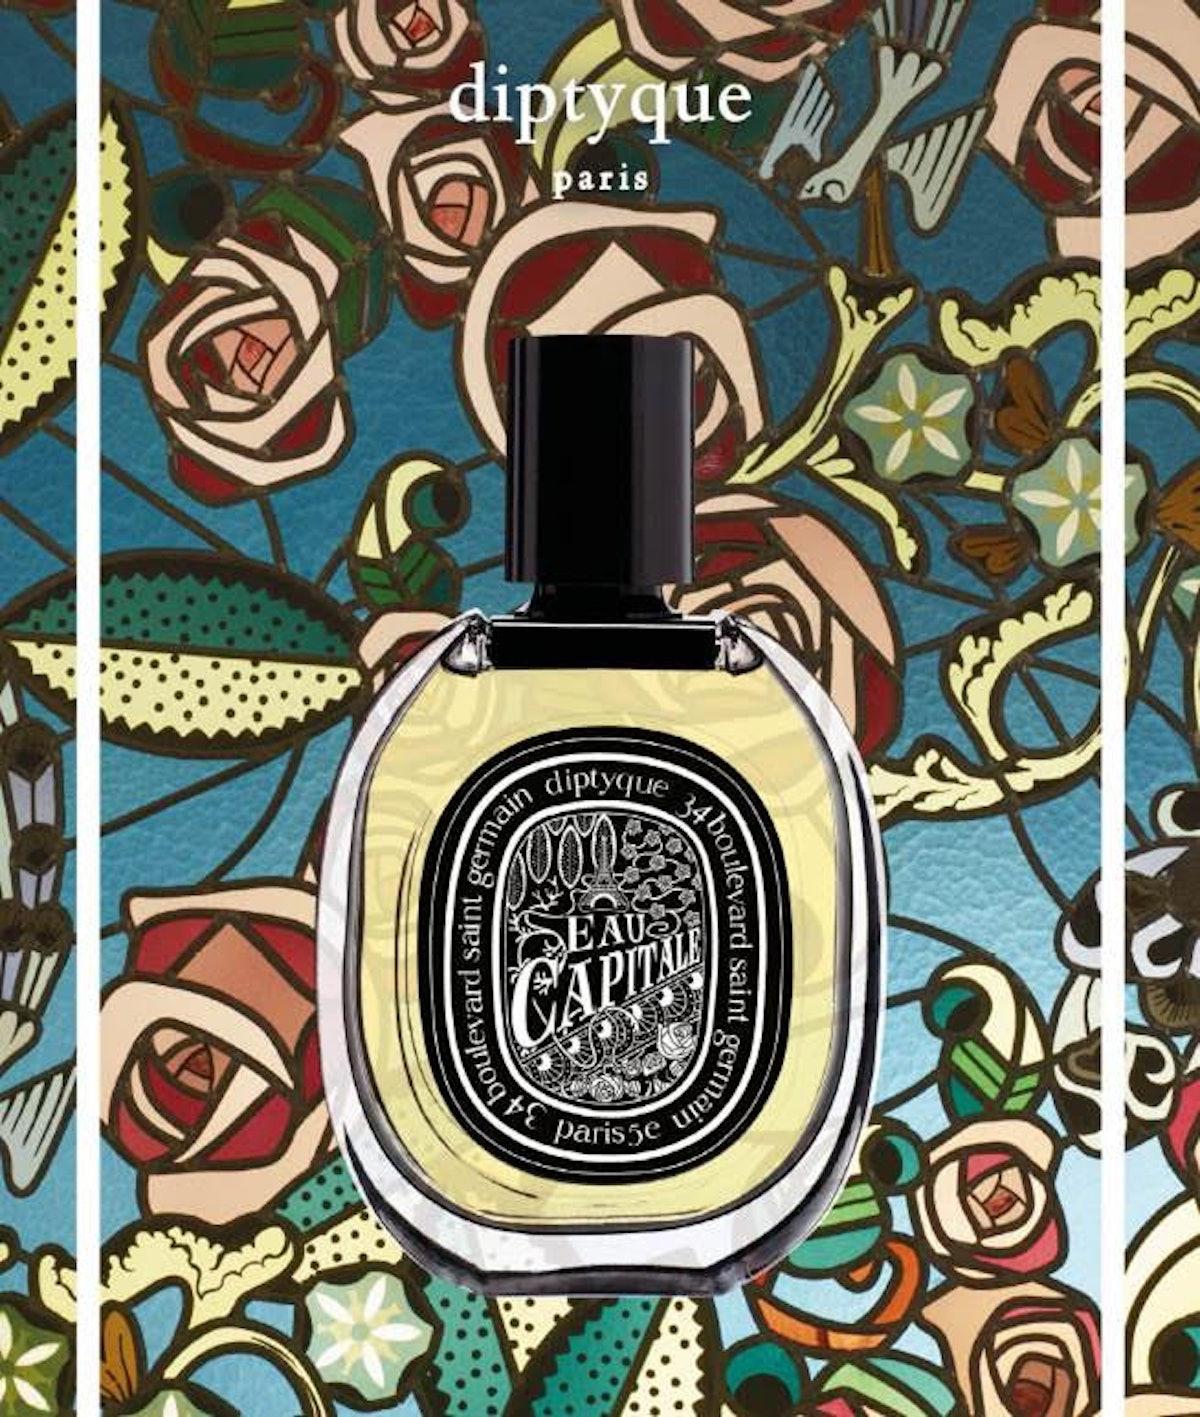 Eau de Parfum Eau Capitale